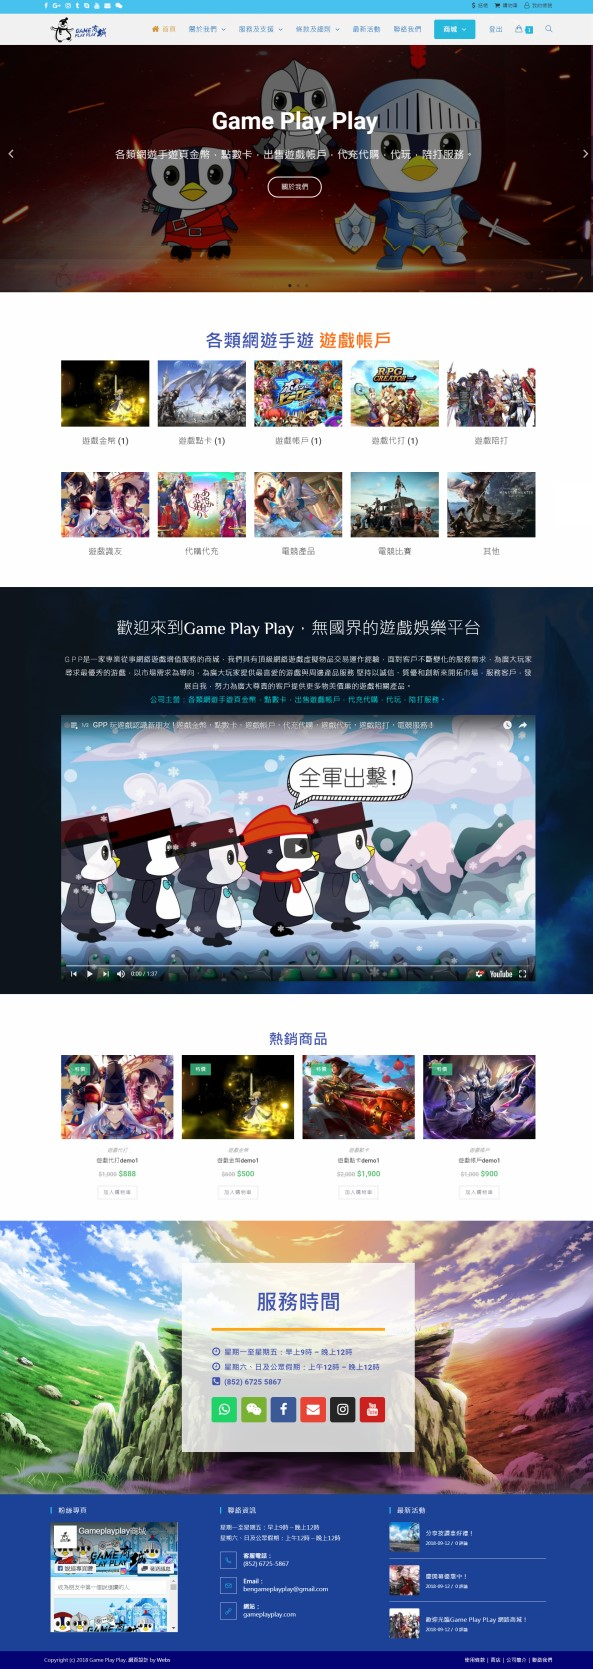 網頁設計-遊戲商城1